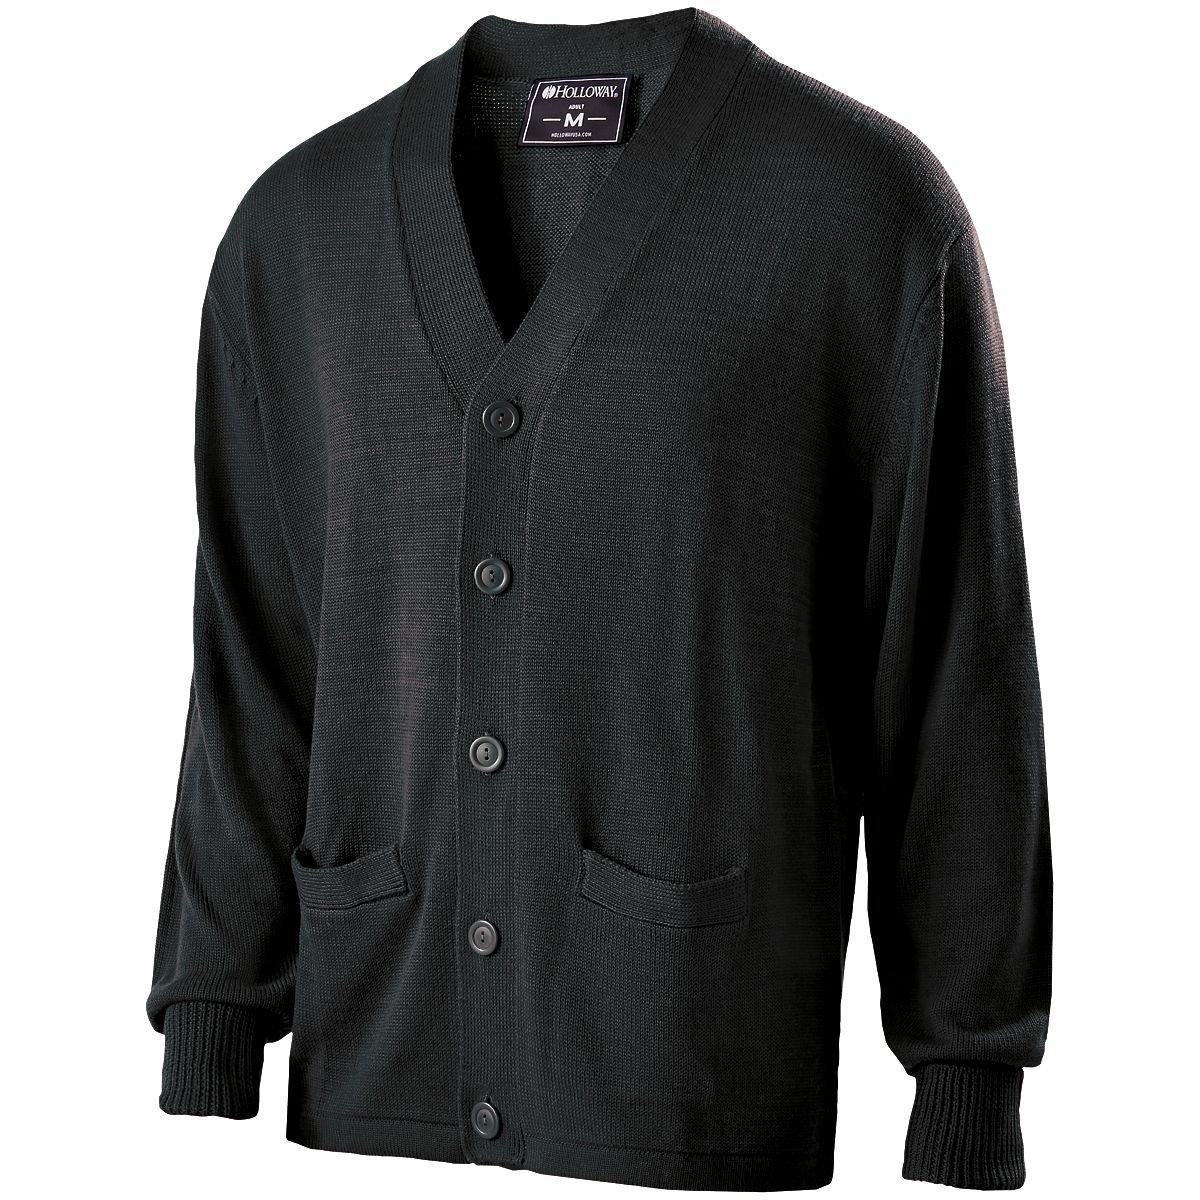 Holloway Sportswear LETTERMAN SWEATER Men's L Black